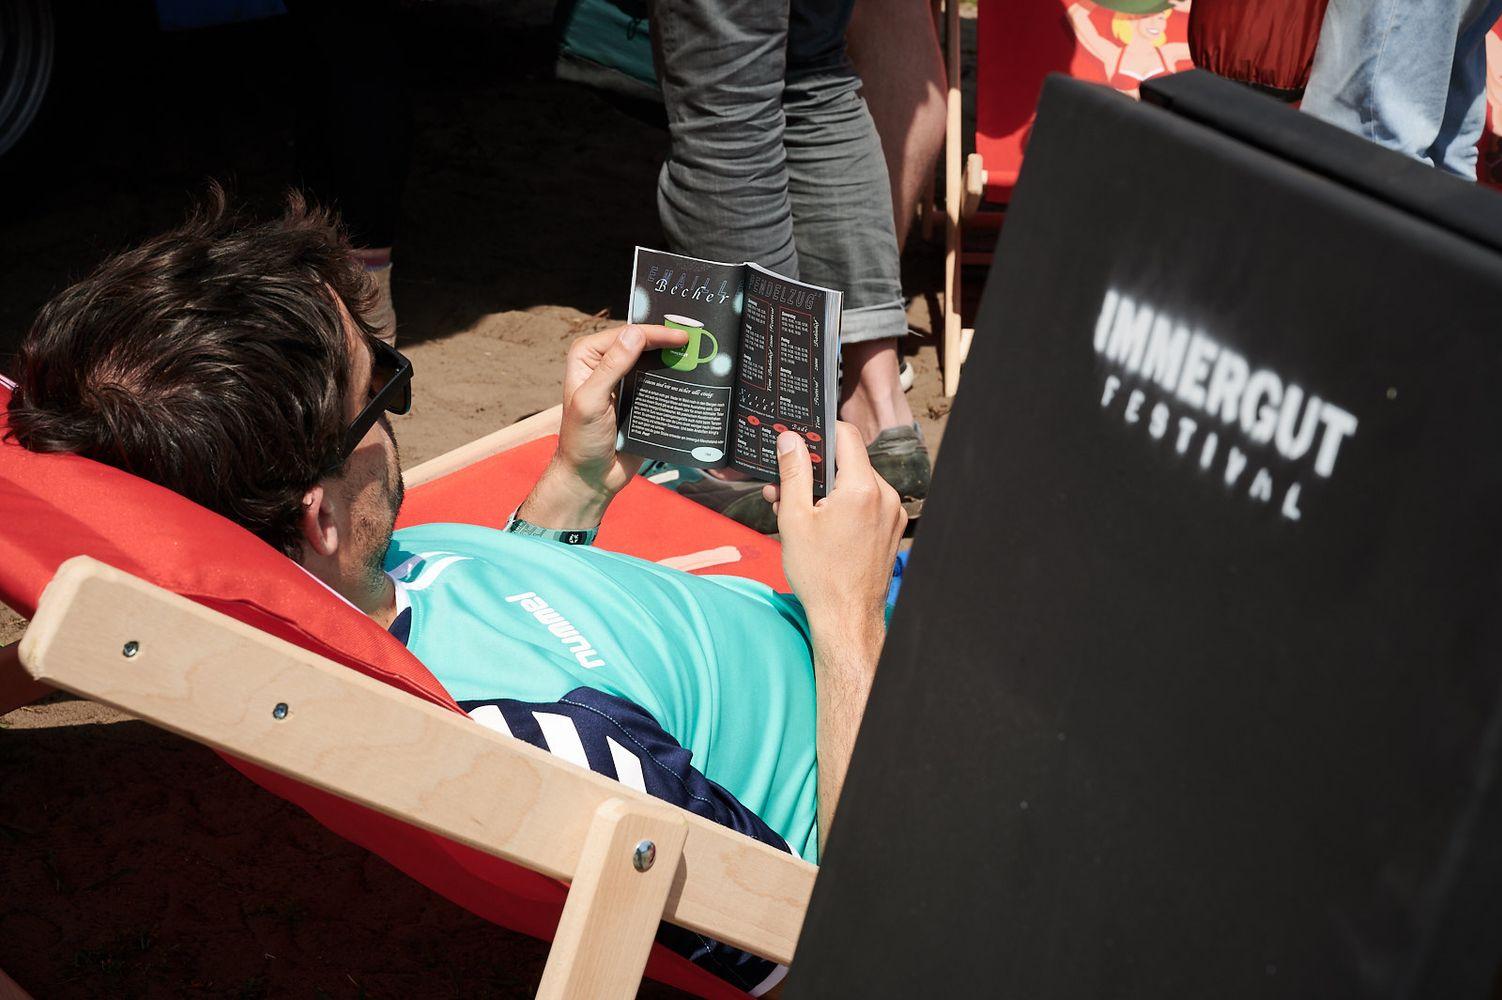 Mensch auf einem Liegestuhl liest das Begleitheit